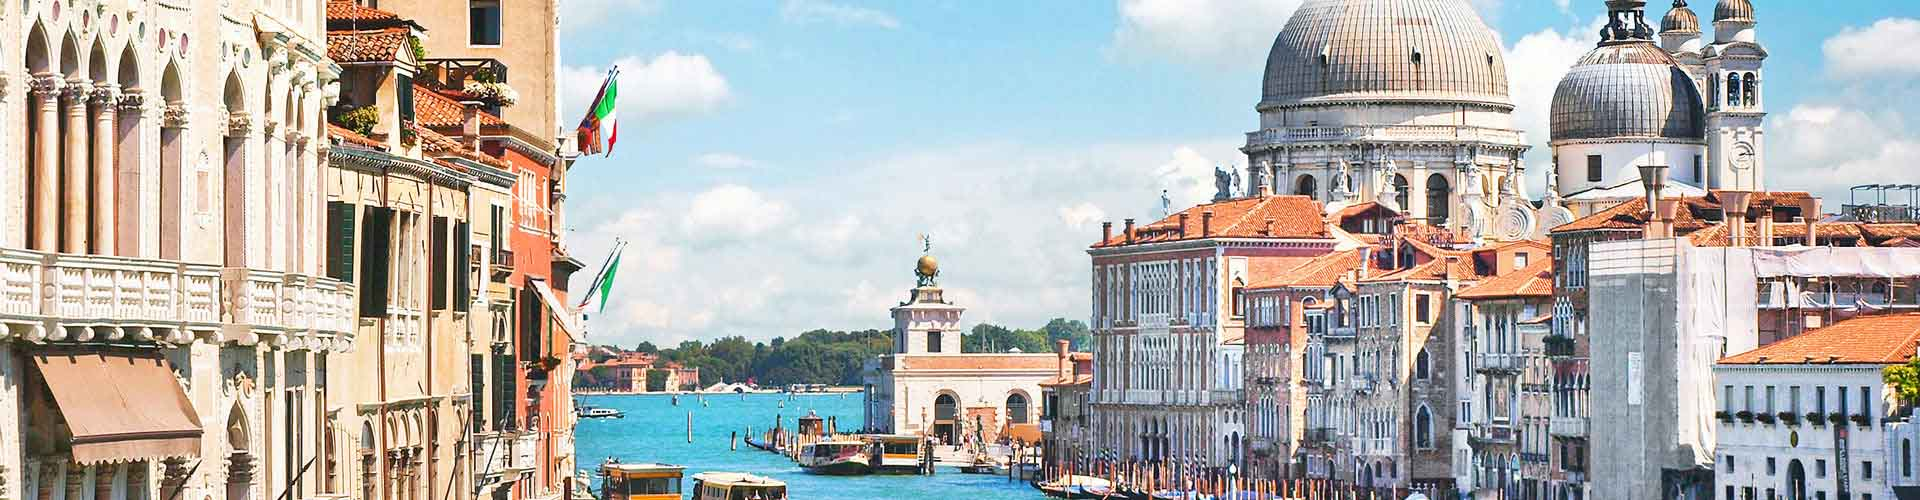 威尼斯 – 威尼斯 附近的青年旅舍。威尼斯地图,威尼斯 所有青年旅馆的照片和评分。